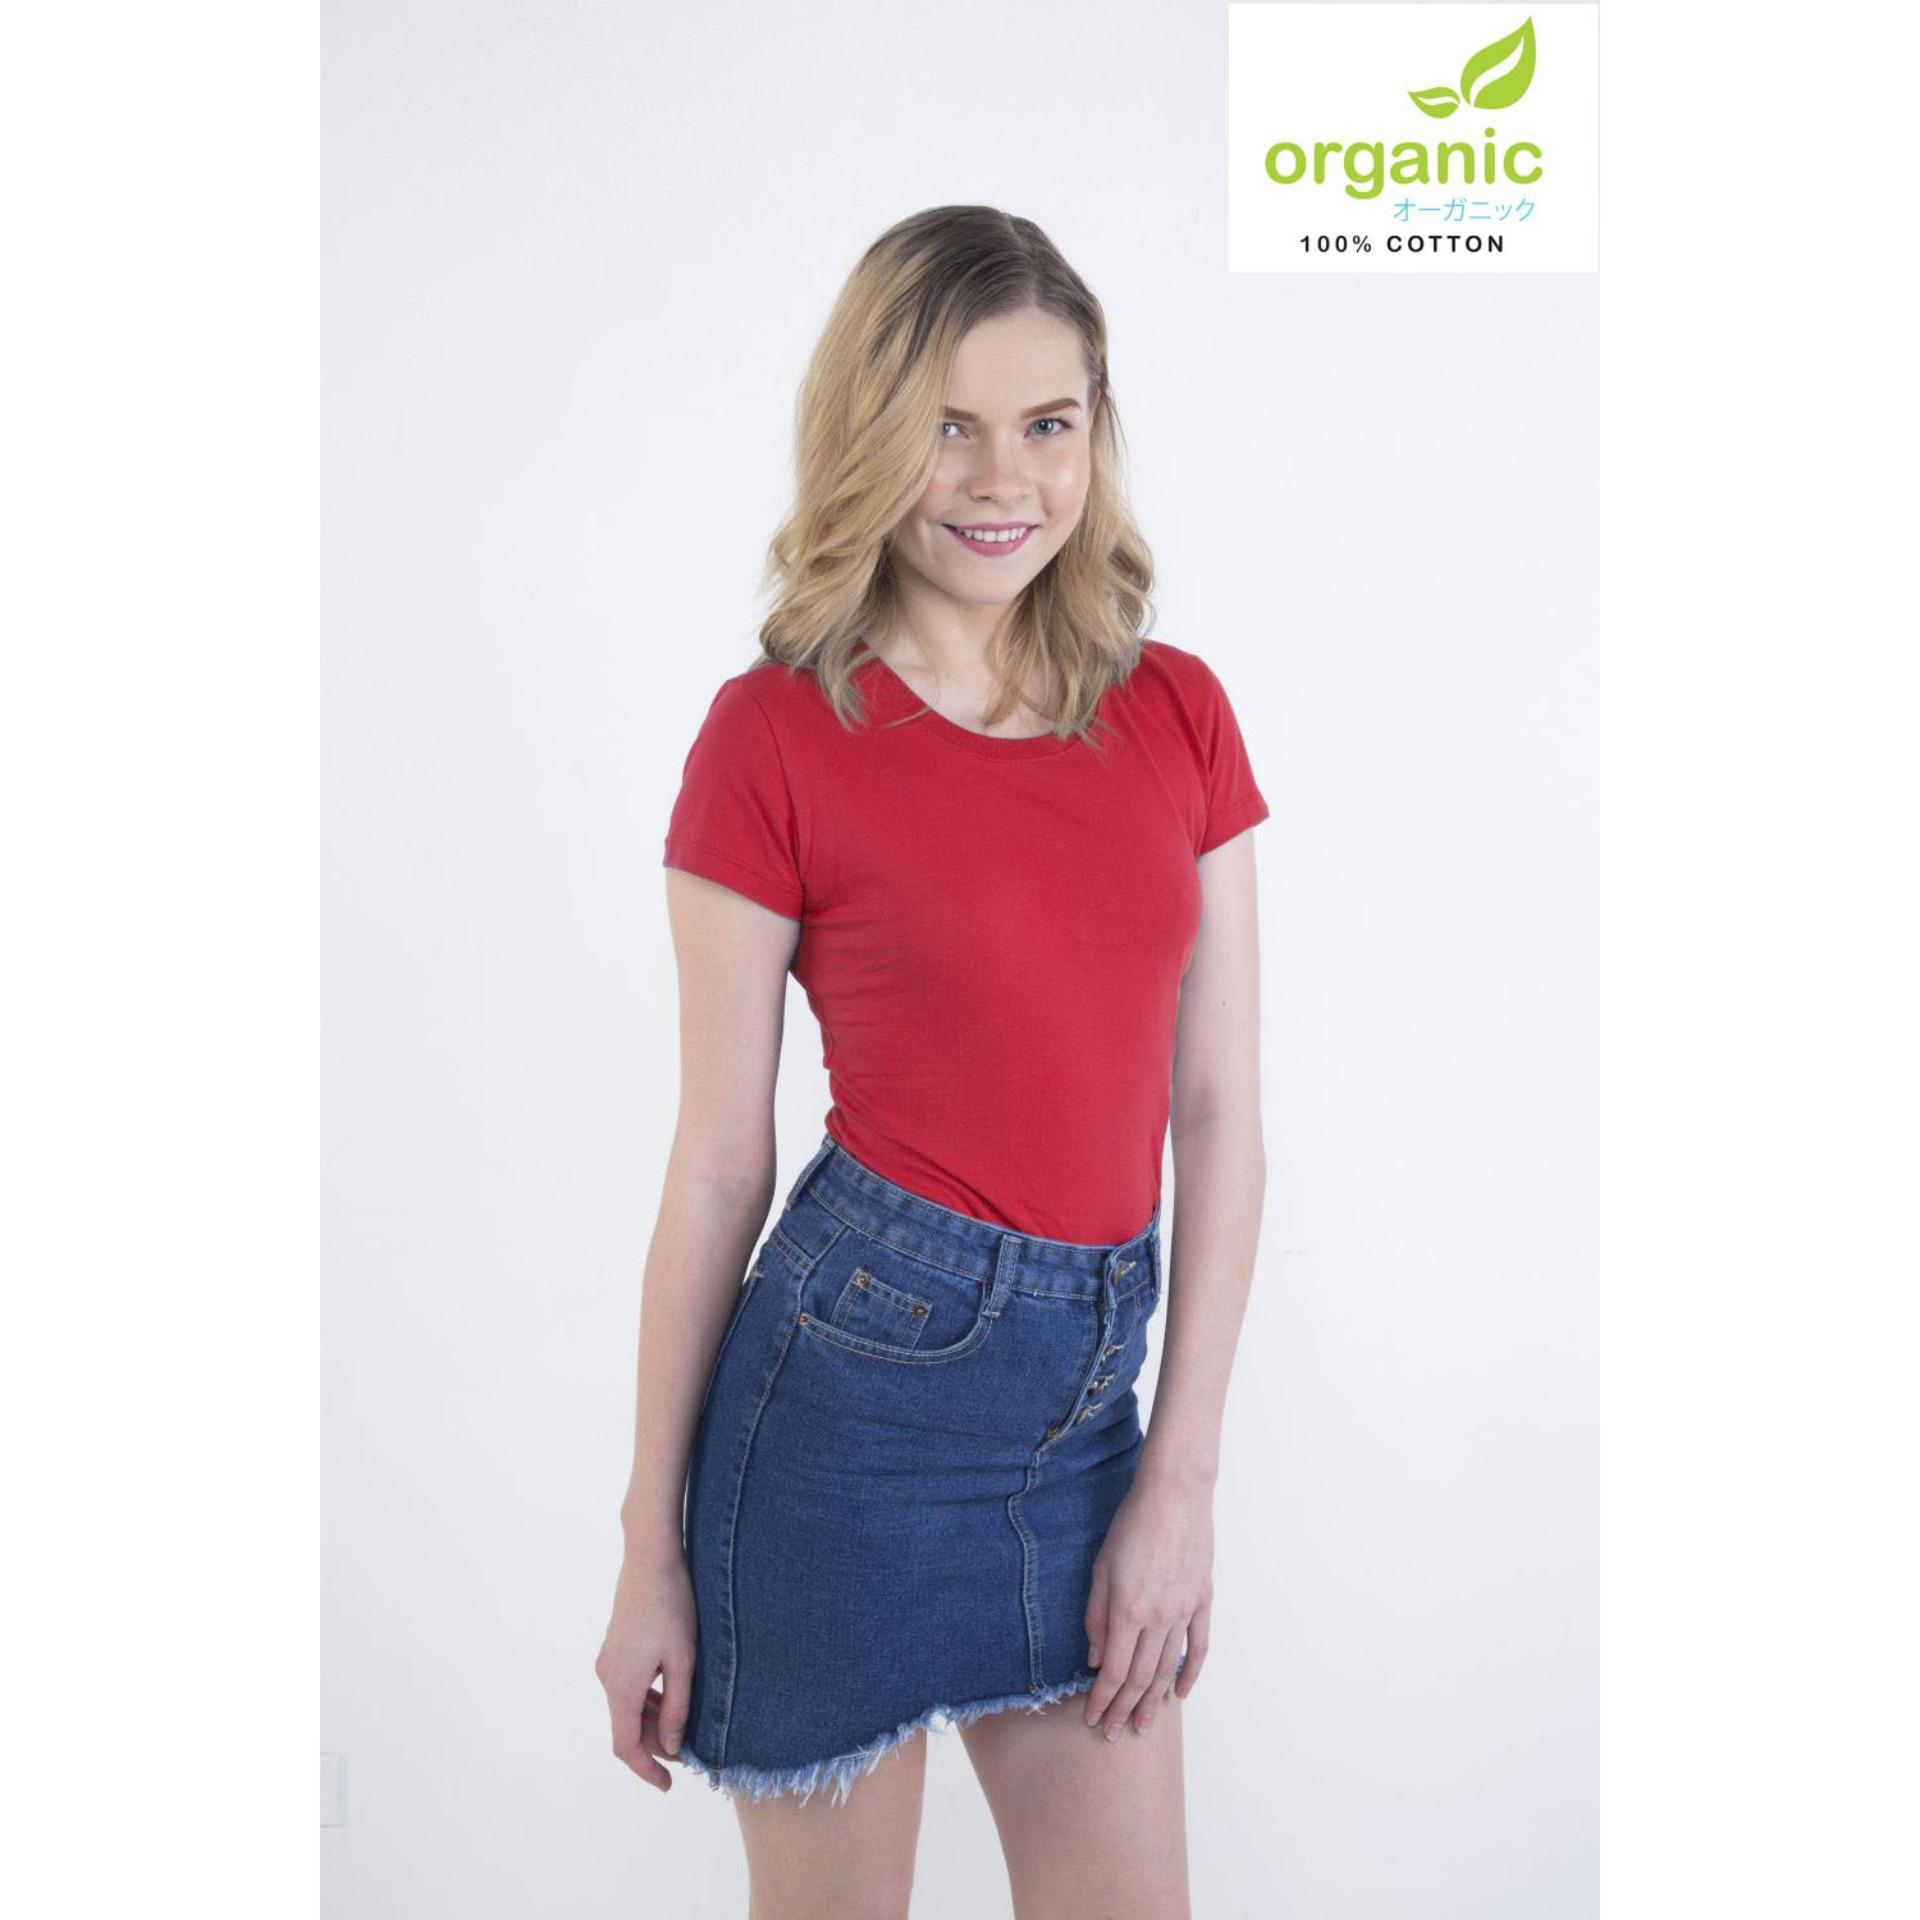 Organic Ladies Fashionable Round Neck Tees Shirt tshirt